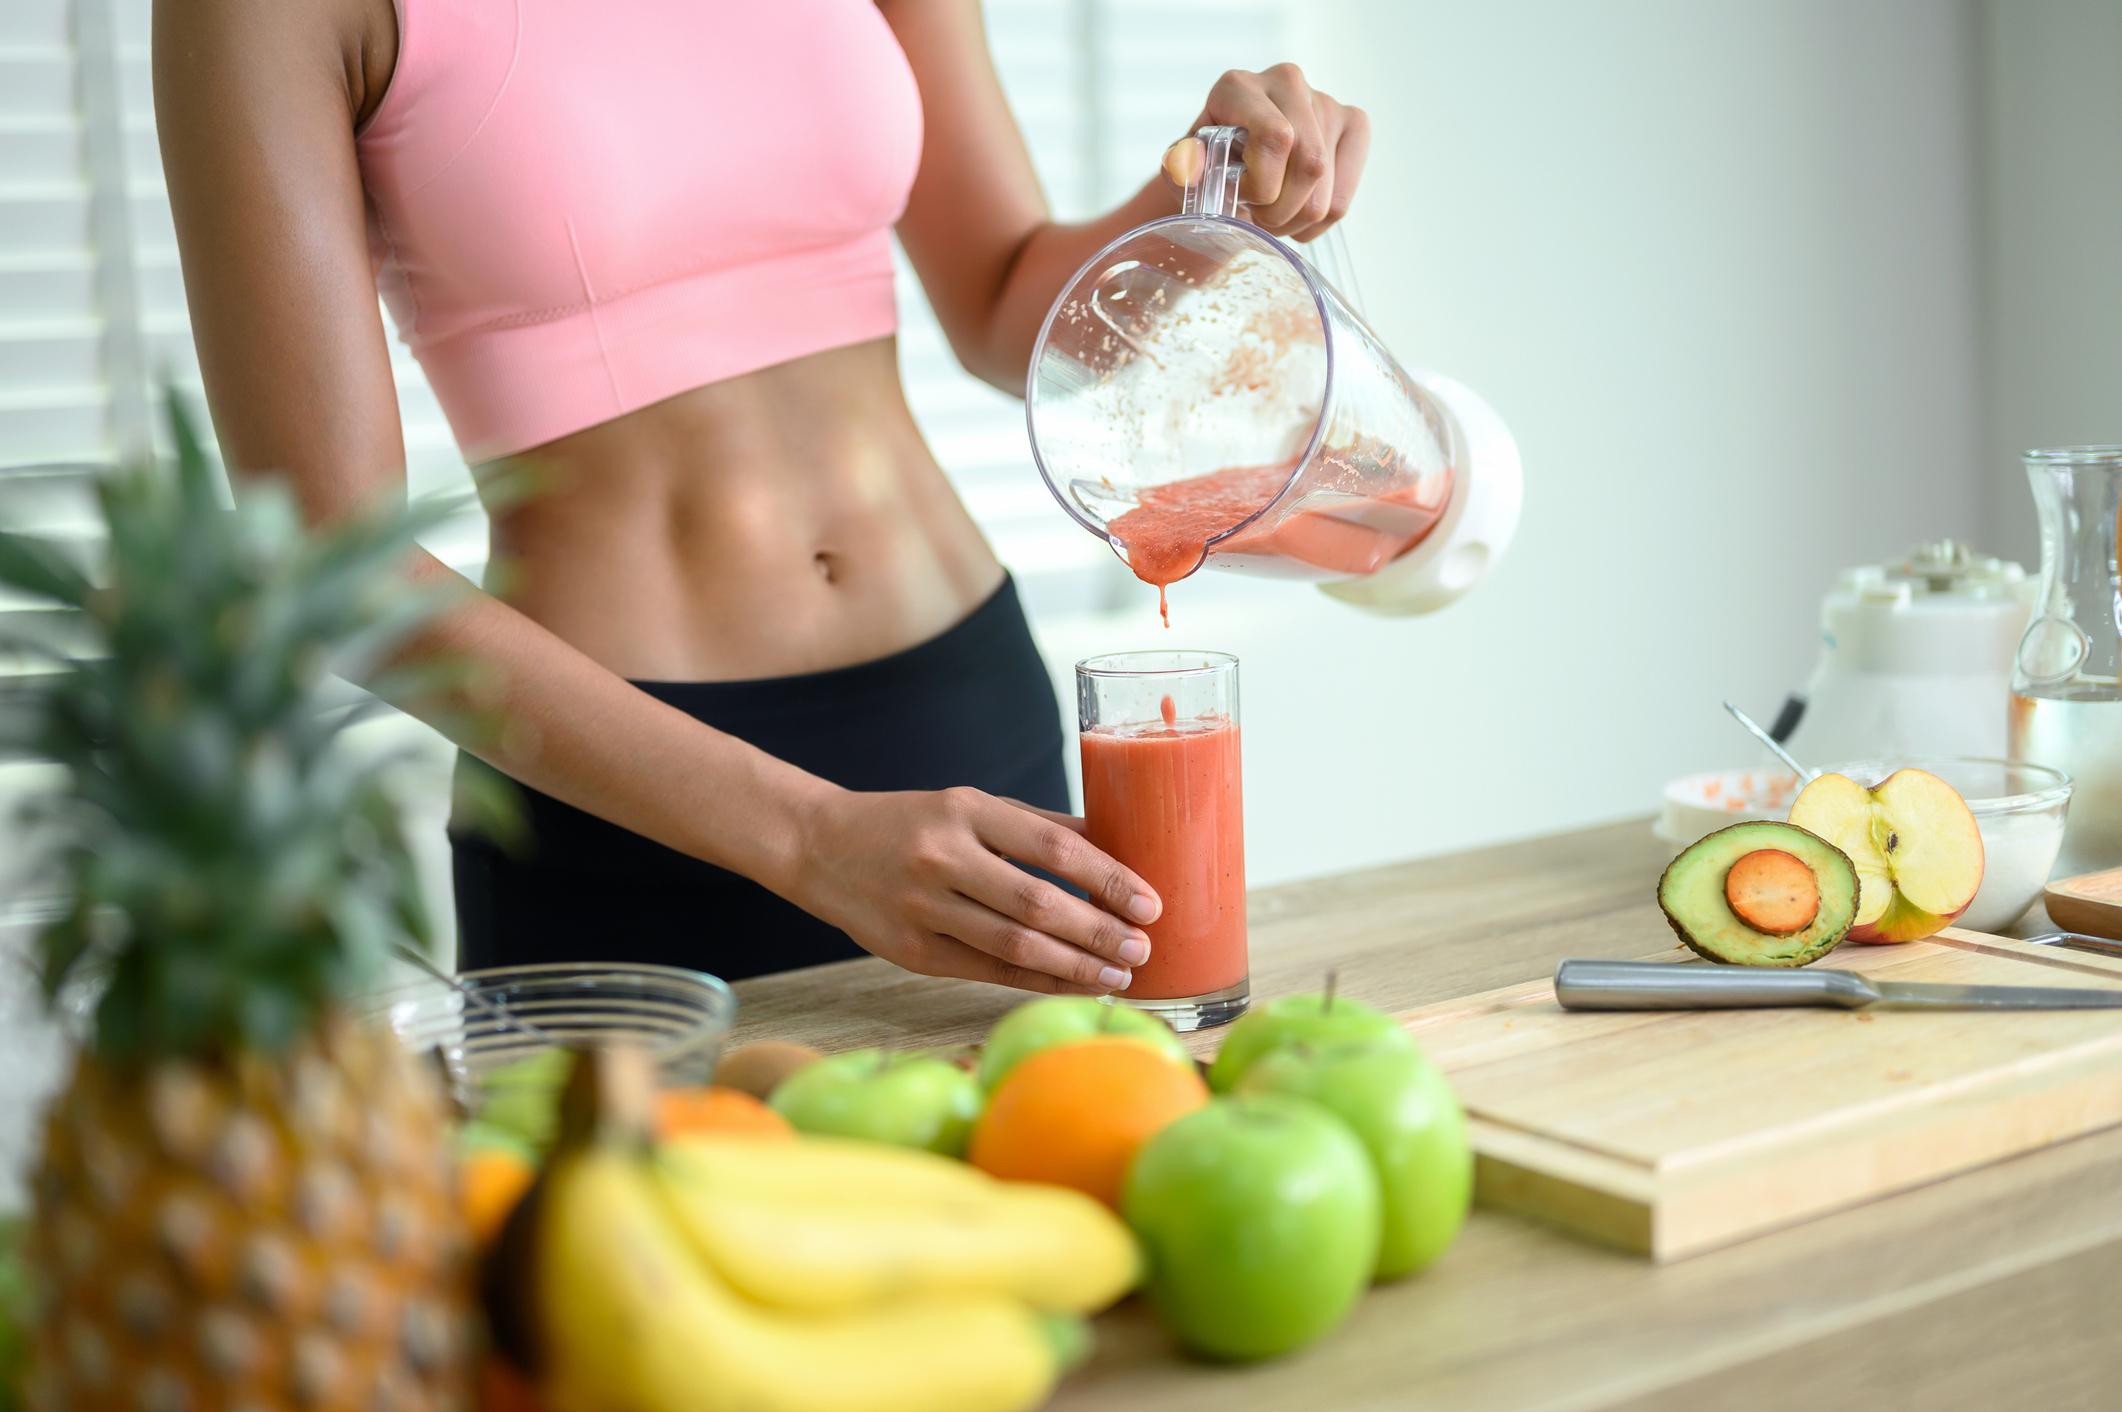 Diēta režīms, lai saprastu tik daudz kā 5 kg 2 nedēļu laikā